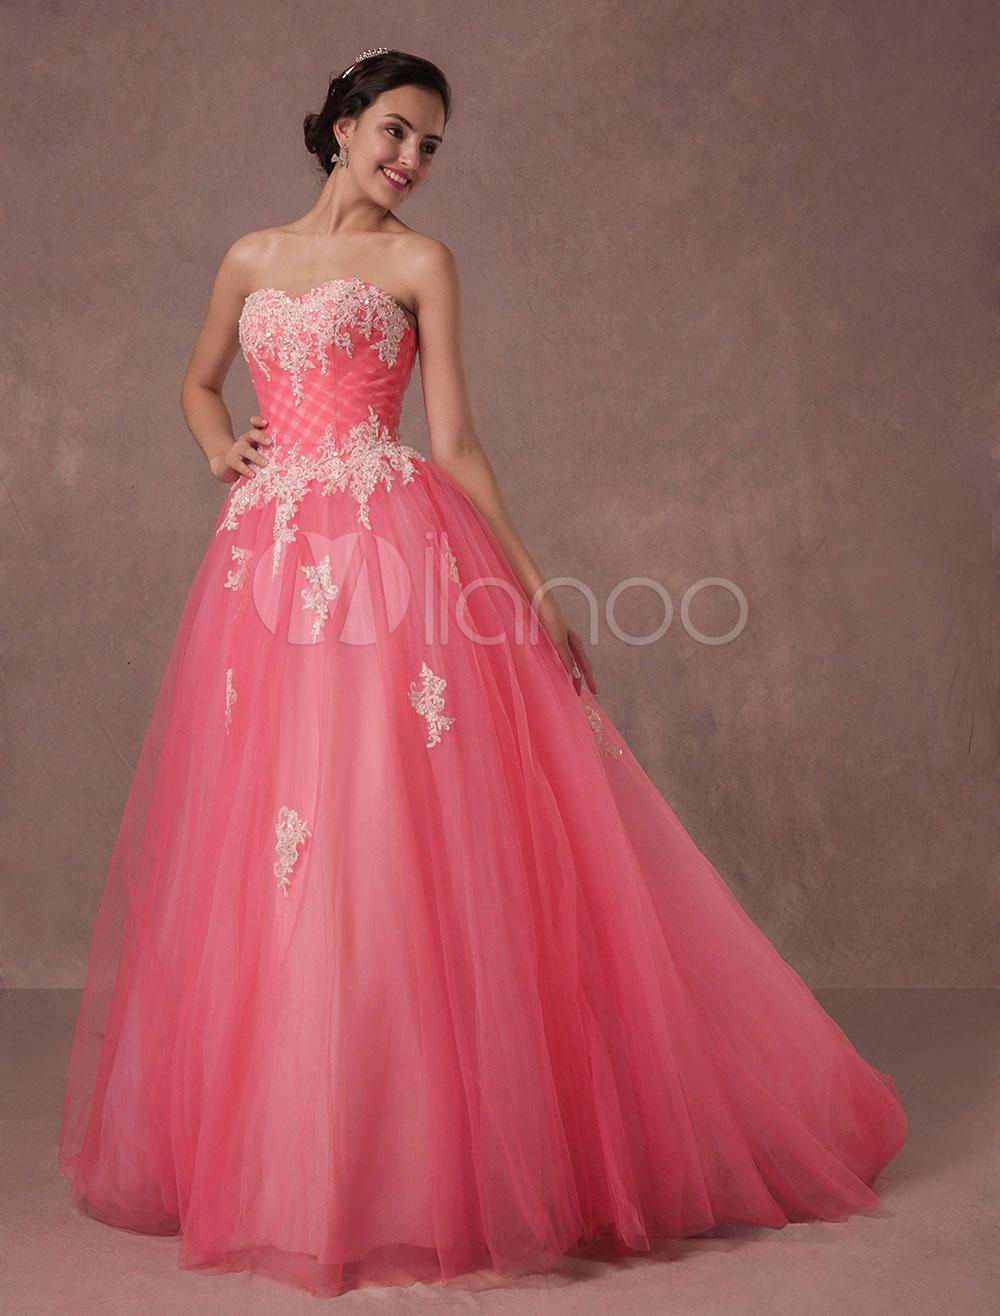 Vestido tul vestido de novia vestido de novia Chaple concurso Coral ...